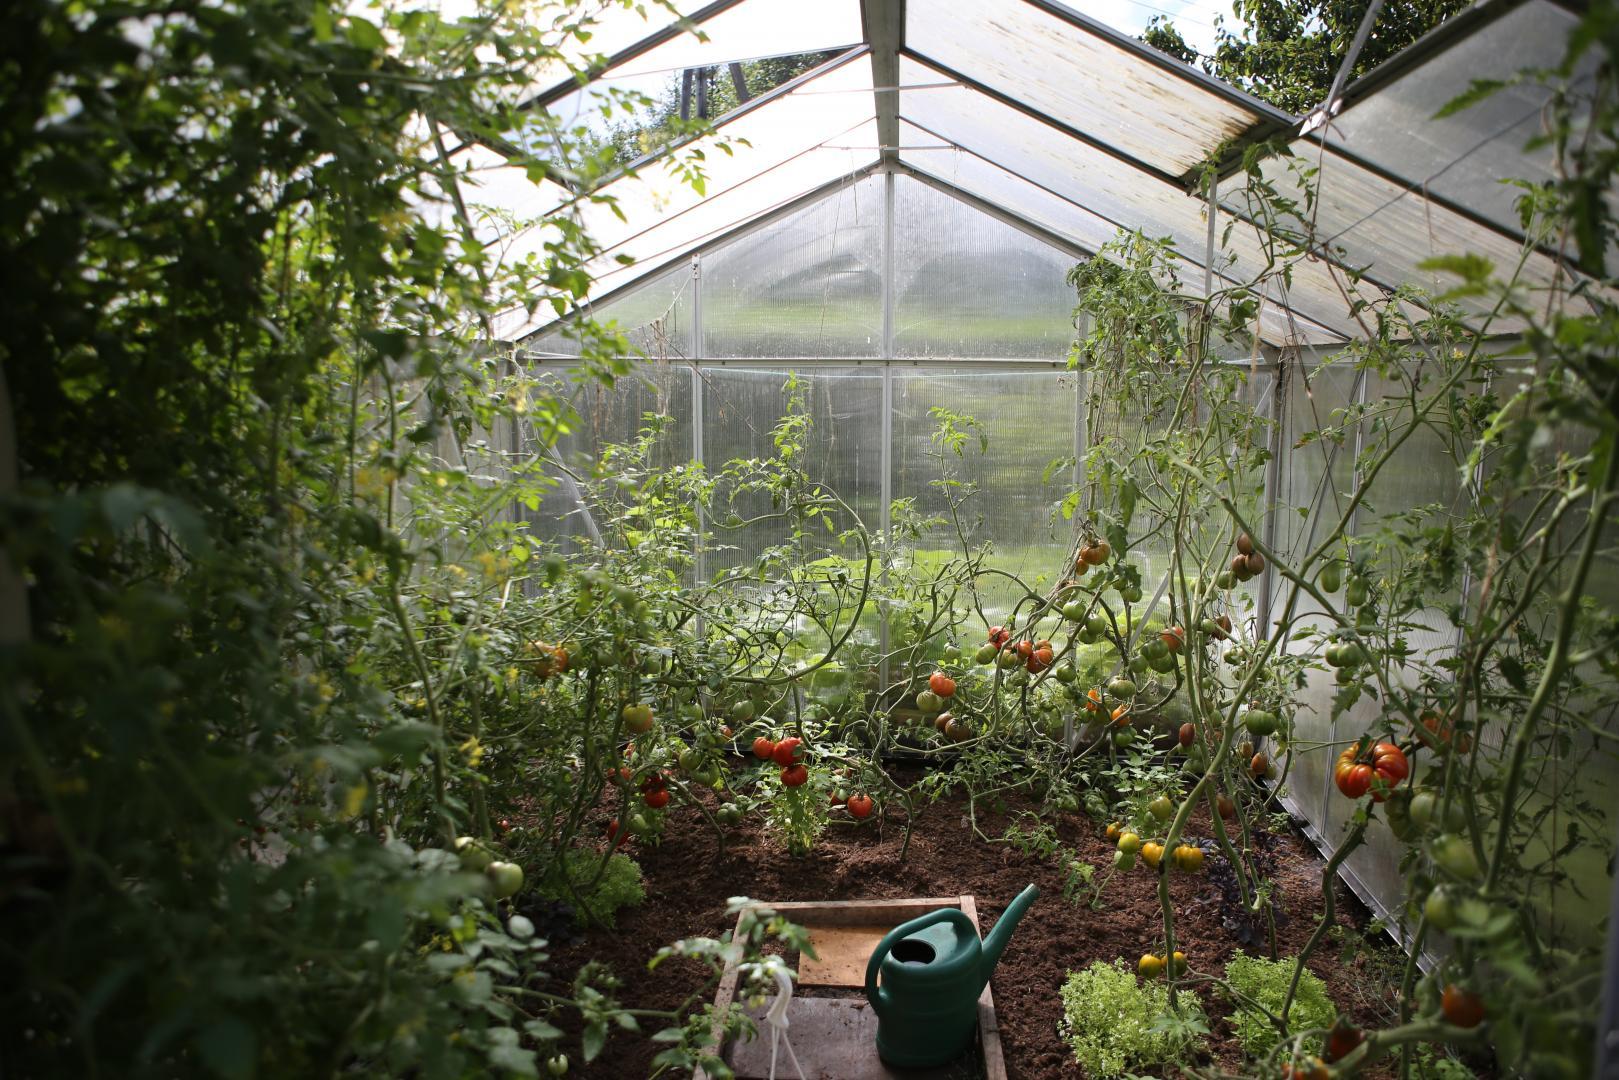 Entspannung finden durch das Gärtnern